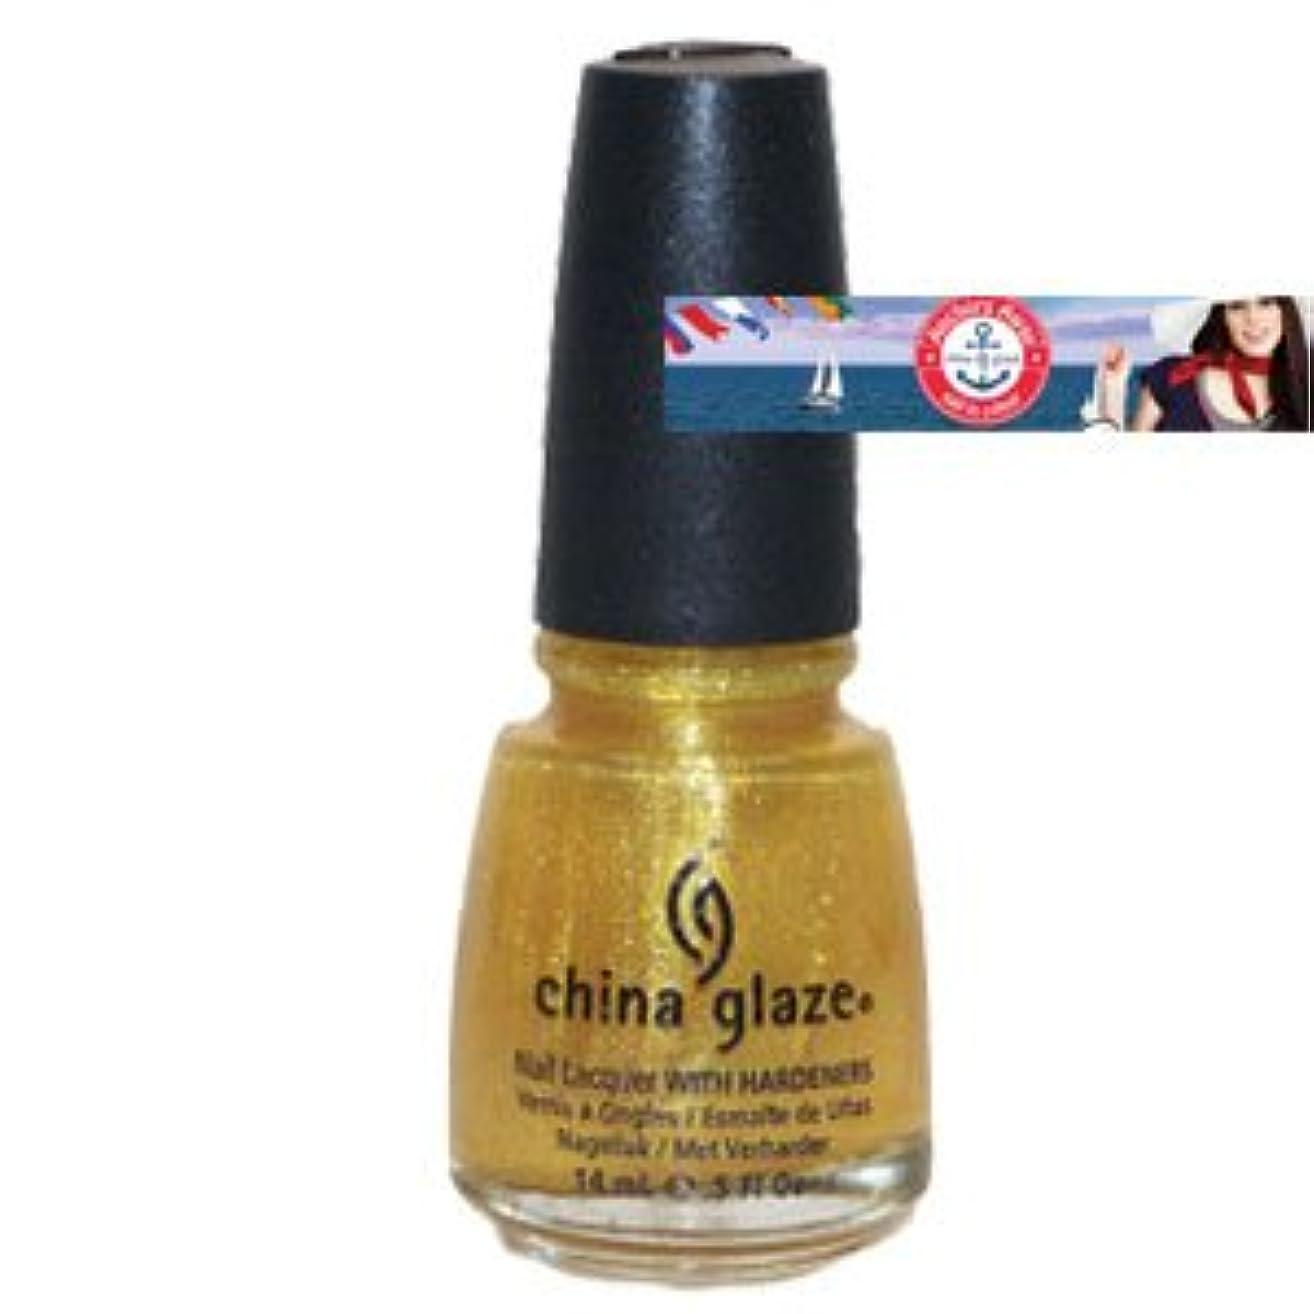 オペレーターミニカウンタ(チャイナグレイズ)China Glaze Anchors Away Collection?Lighthouse [海外直送品][並行輸入品]